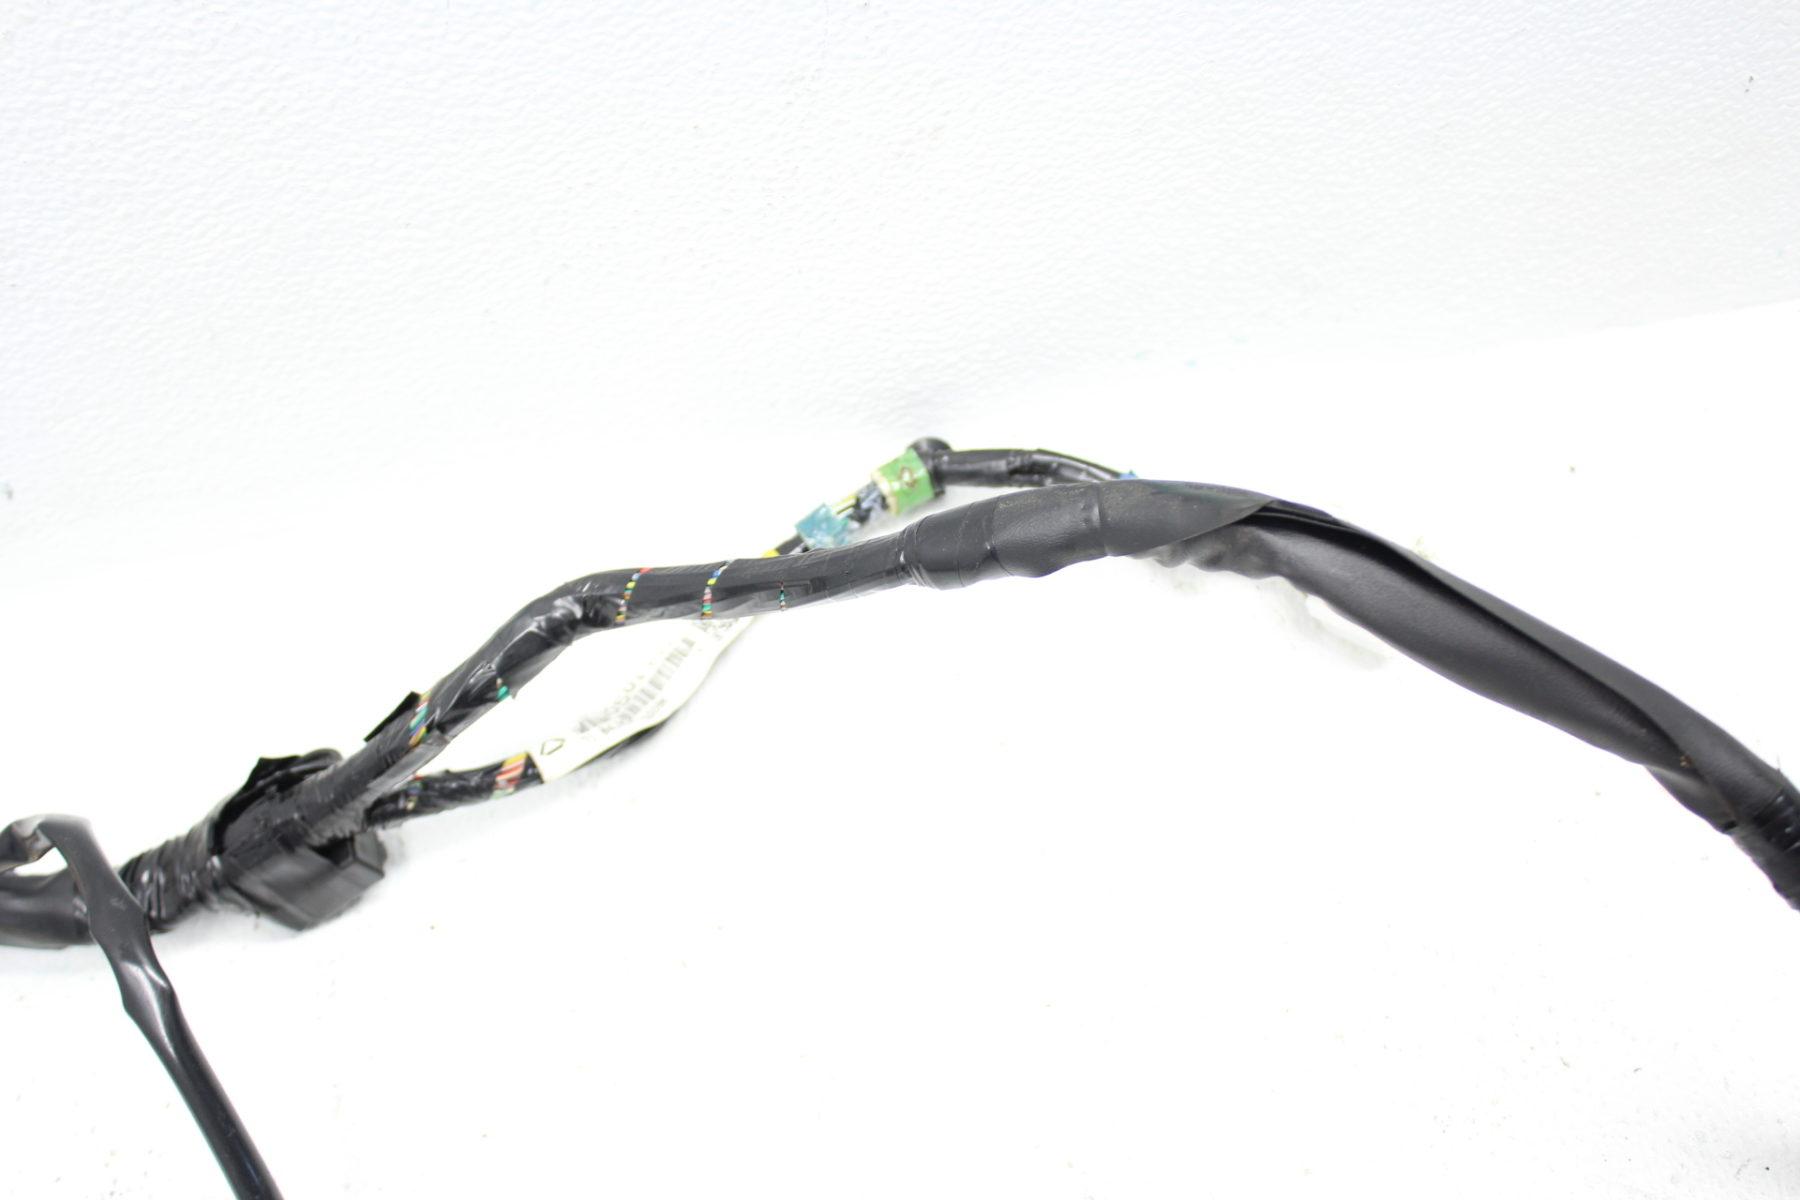 08 Subaru Wrx Dash Instrument Panel Wire Wiring